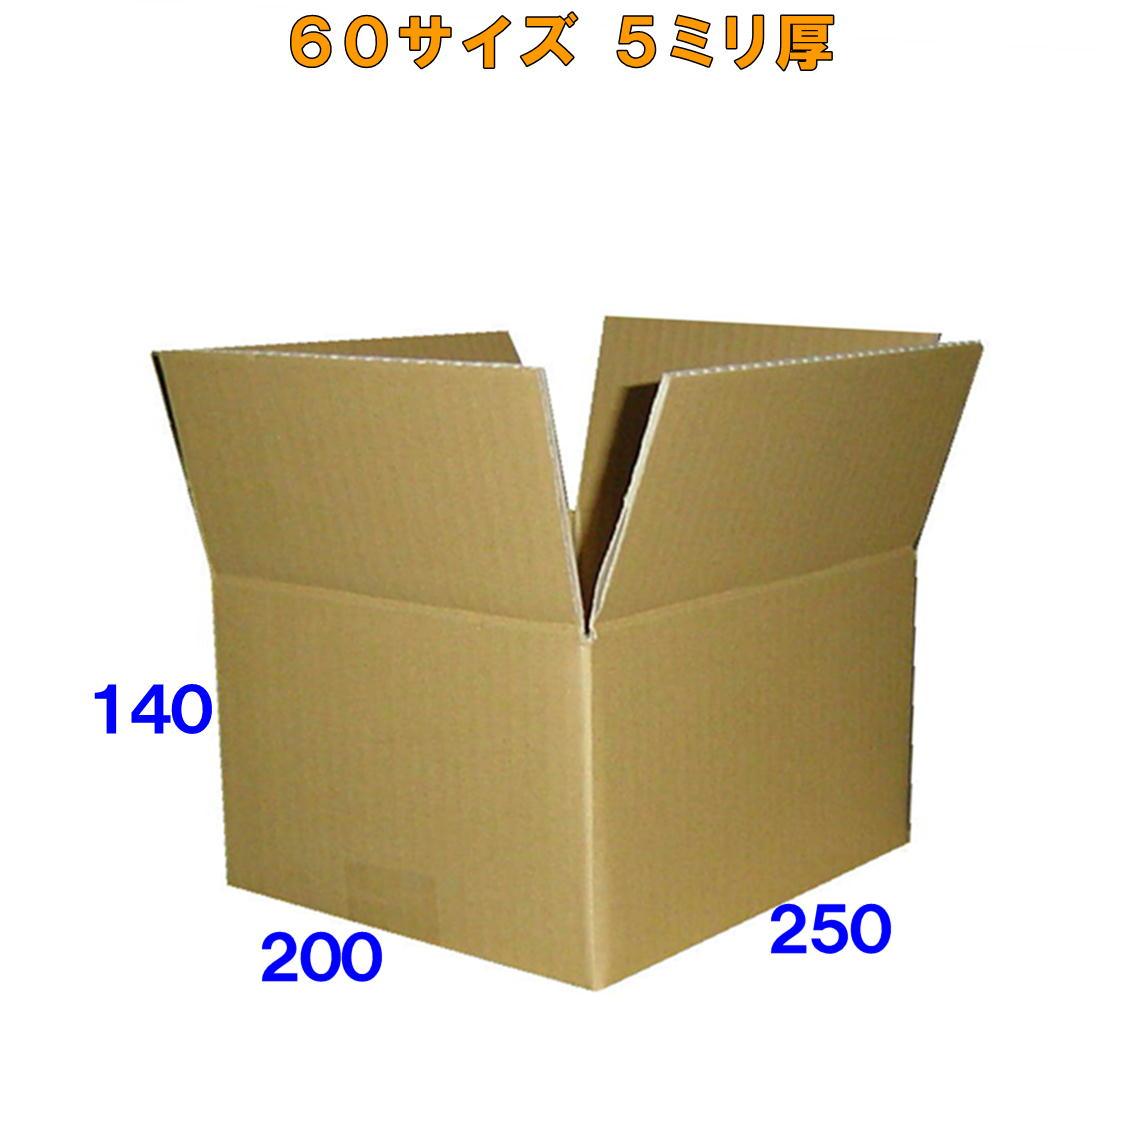 60サイズ クラフト ダンボール箱 50枚 5ミリ厚※この商品はヤマト運輸での配送です※